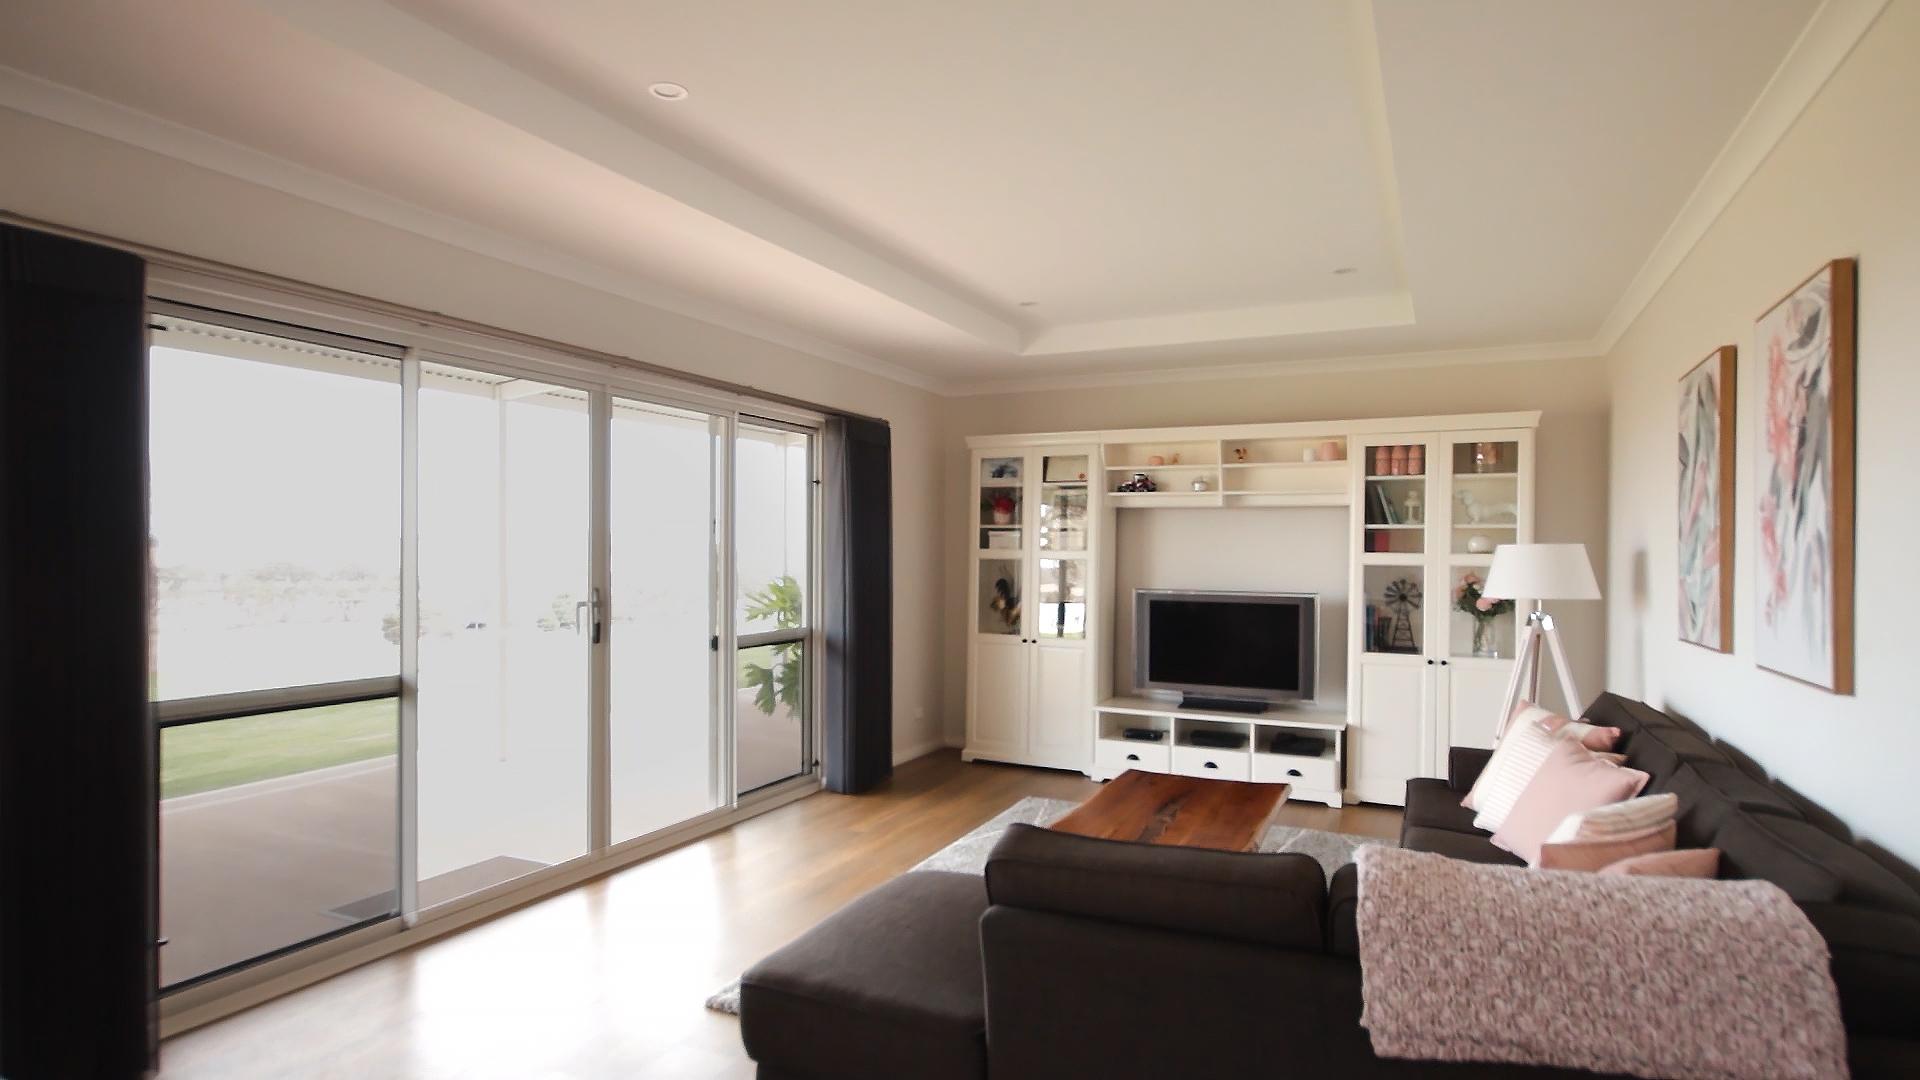 Evoke 3x2 Modular Home